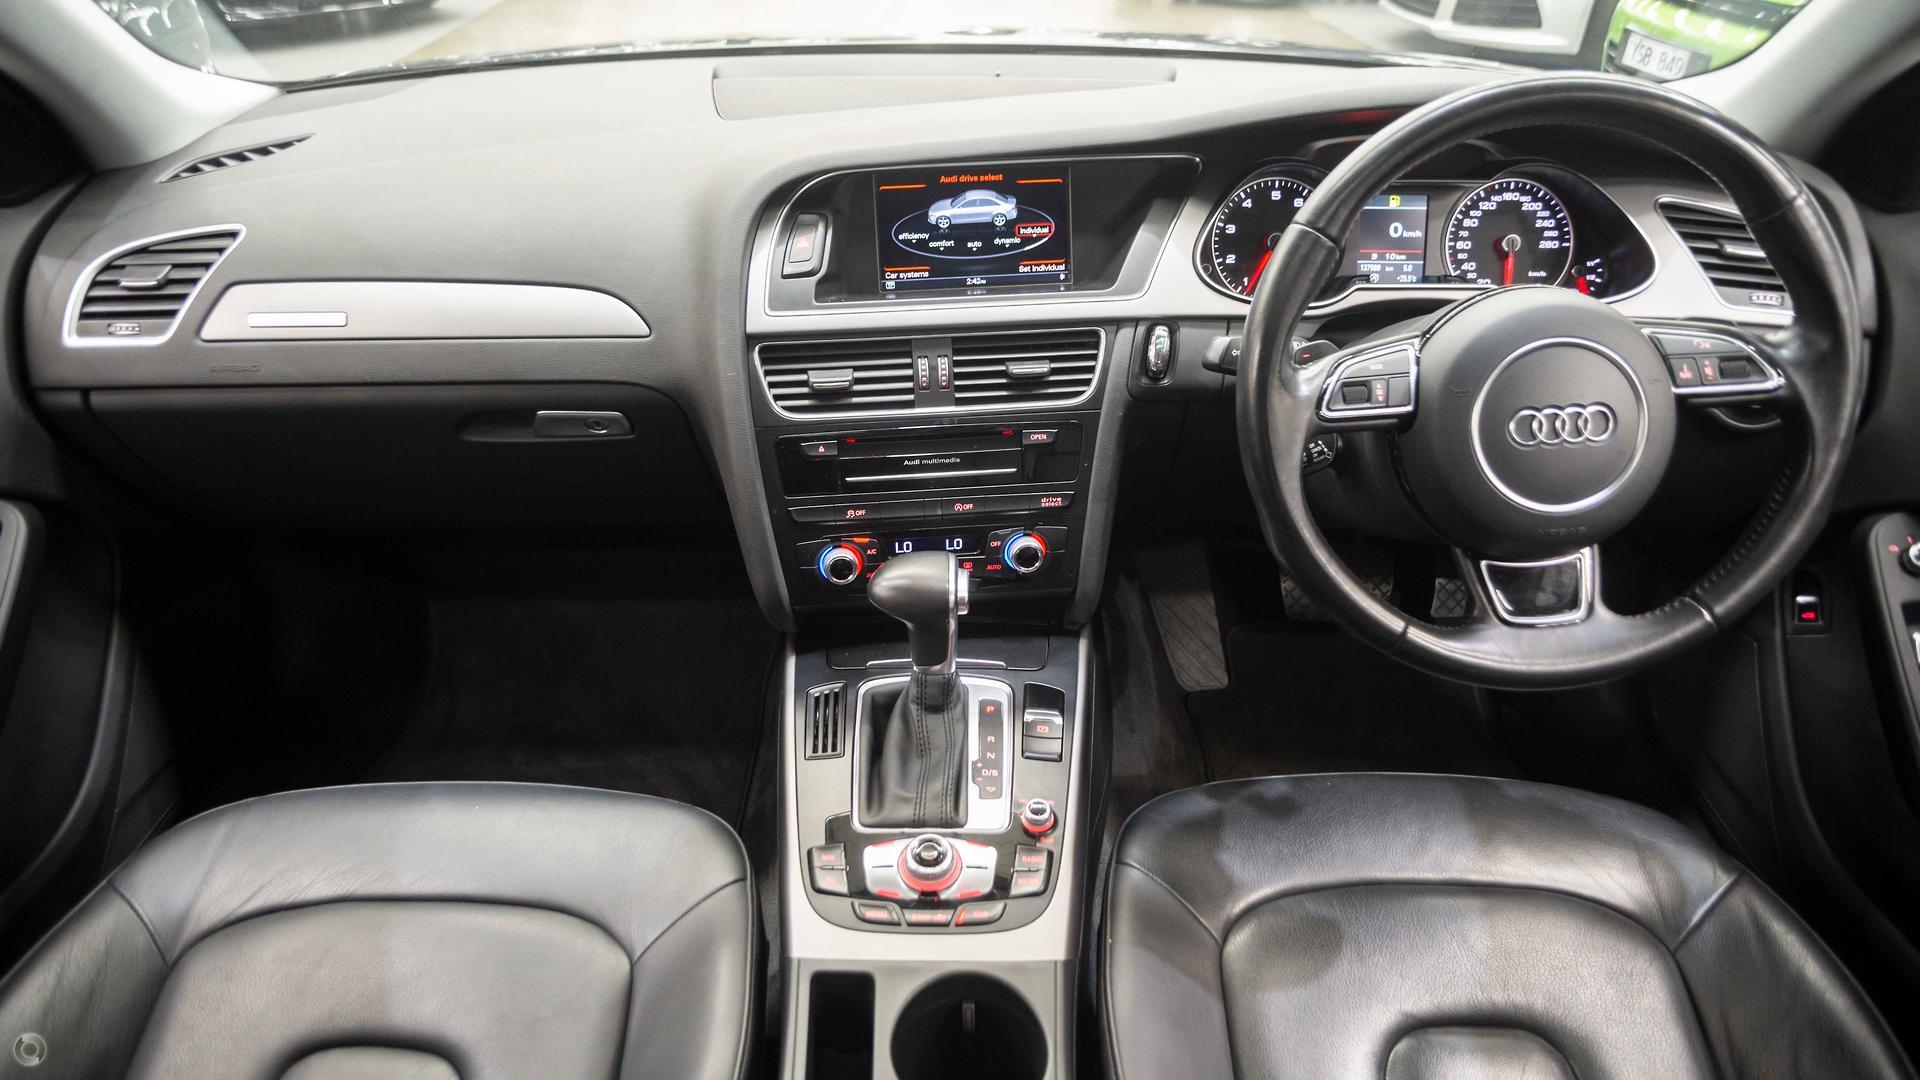 2015 Audi A4 Ambition B8